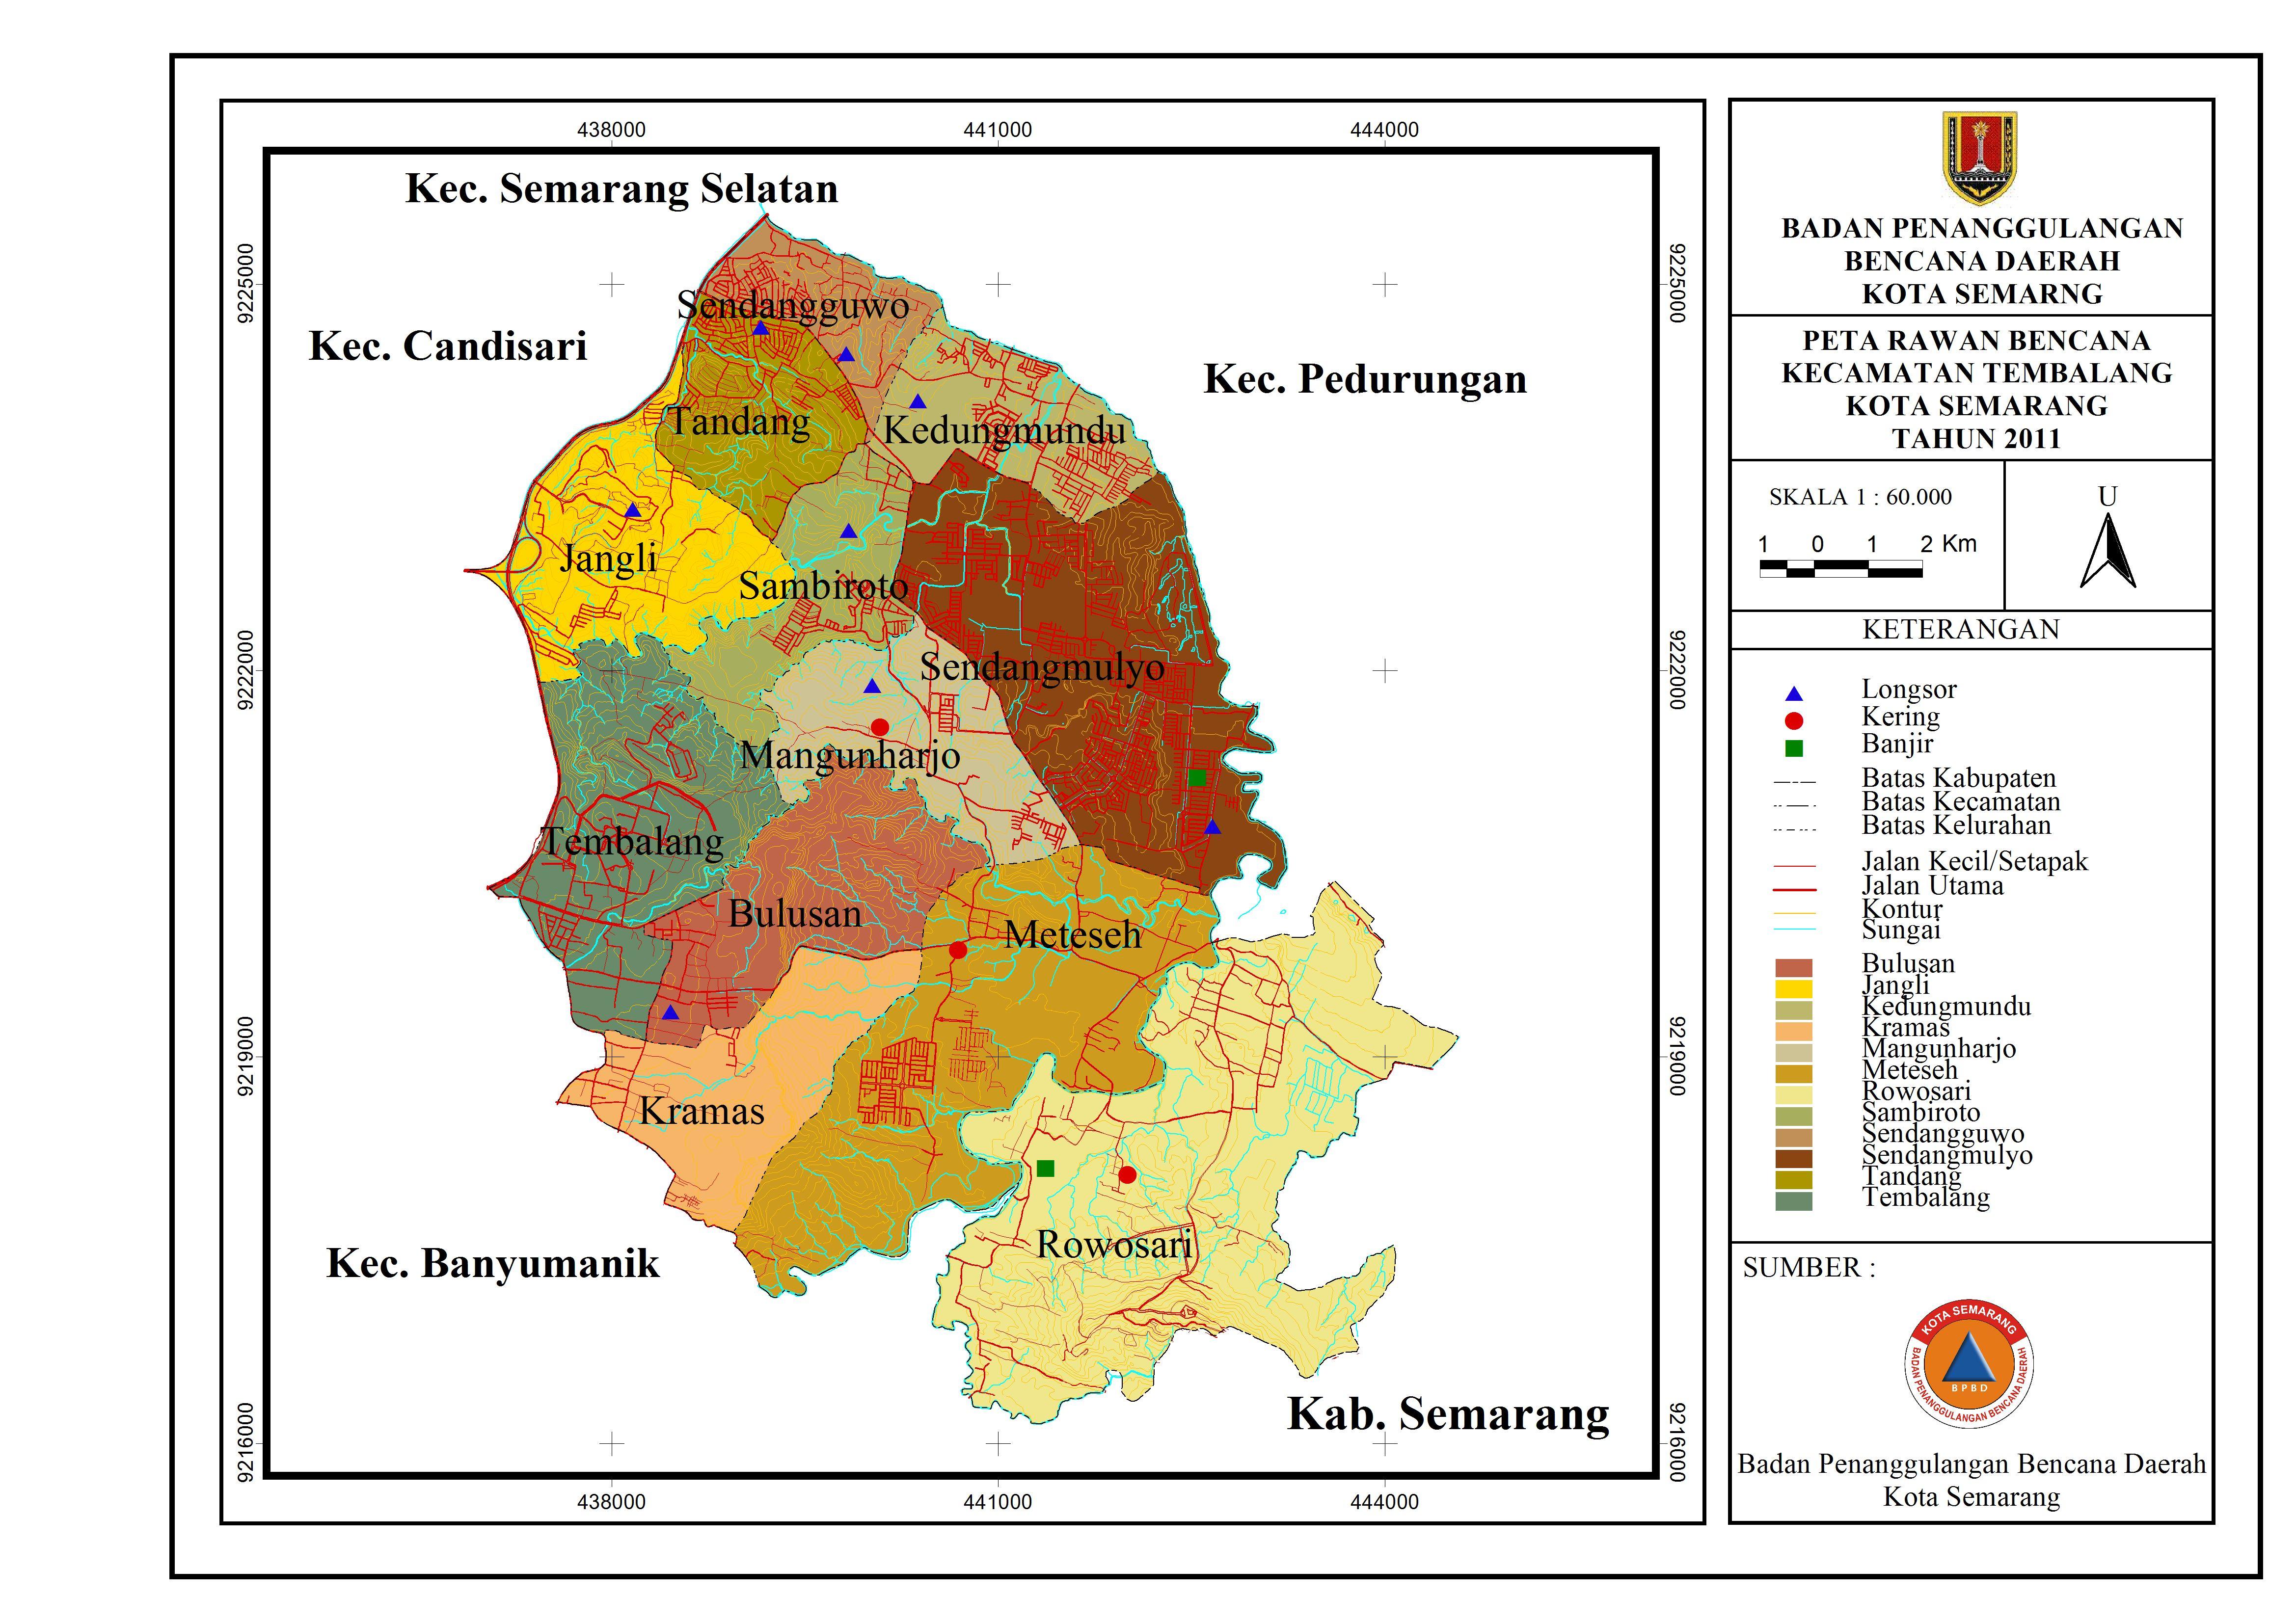 Peta Rawan Bencana 2011